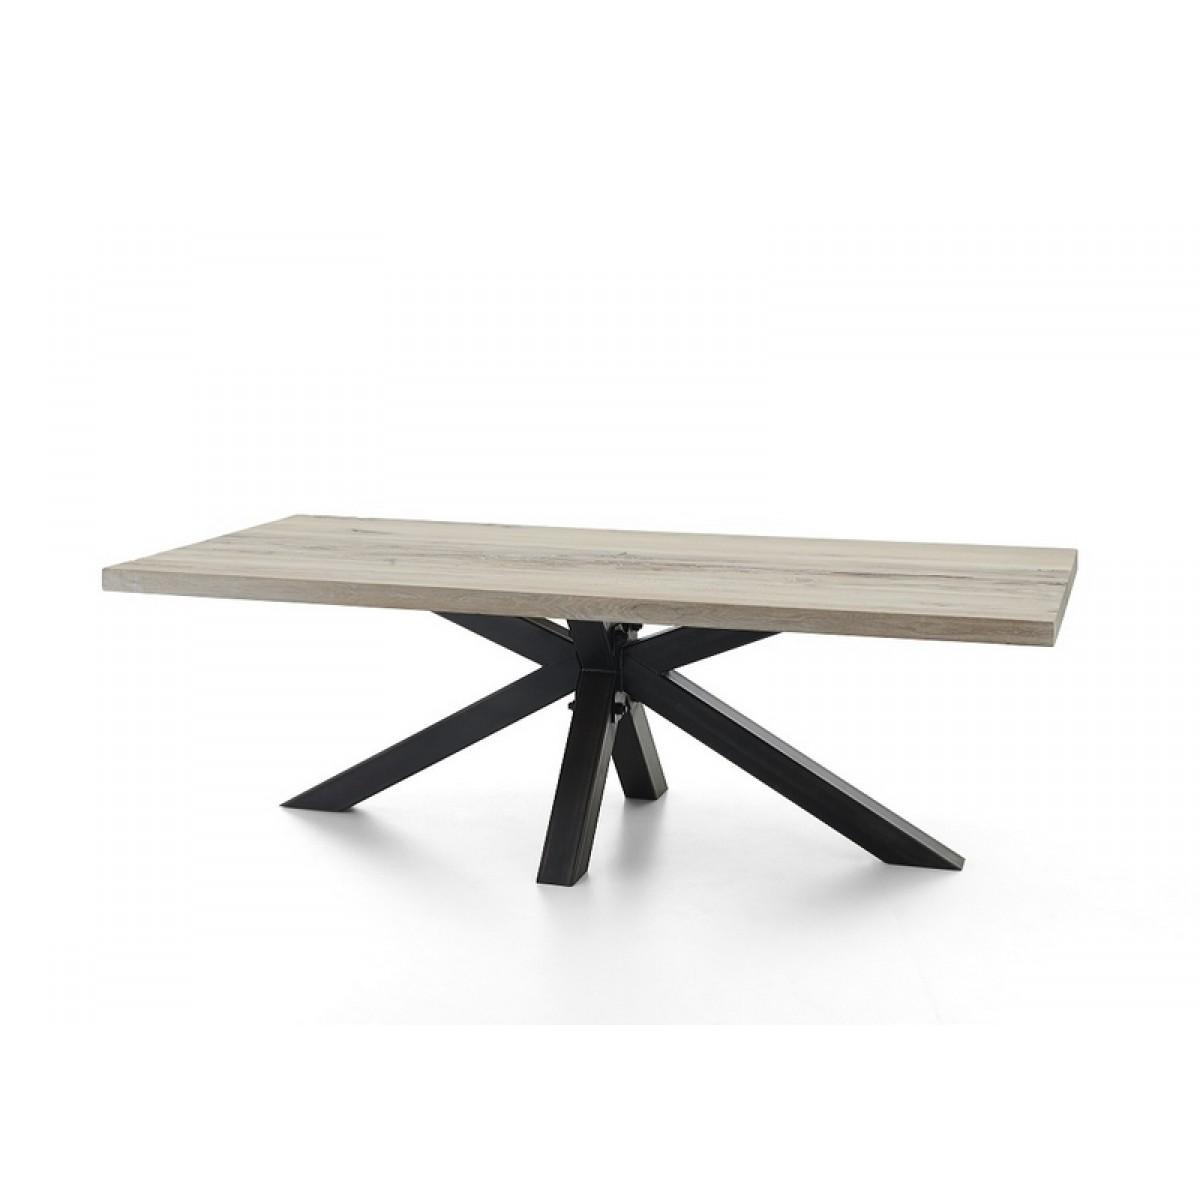 esstisch eiche tischplatte tisch massiv eiche industriedesign gestell aus metall ma e 300 x 100 cm. Black Bedroom Furniture Sets. Home Design Ideas